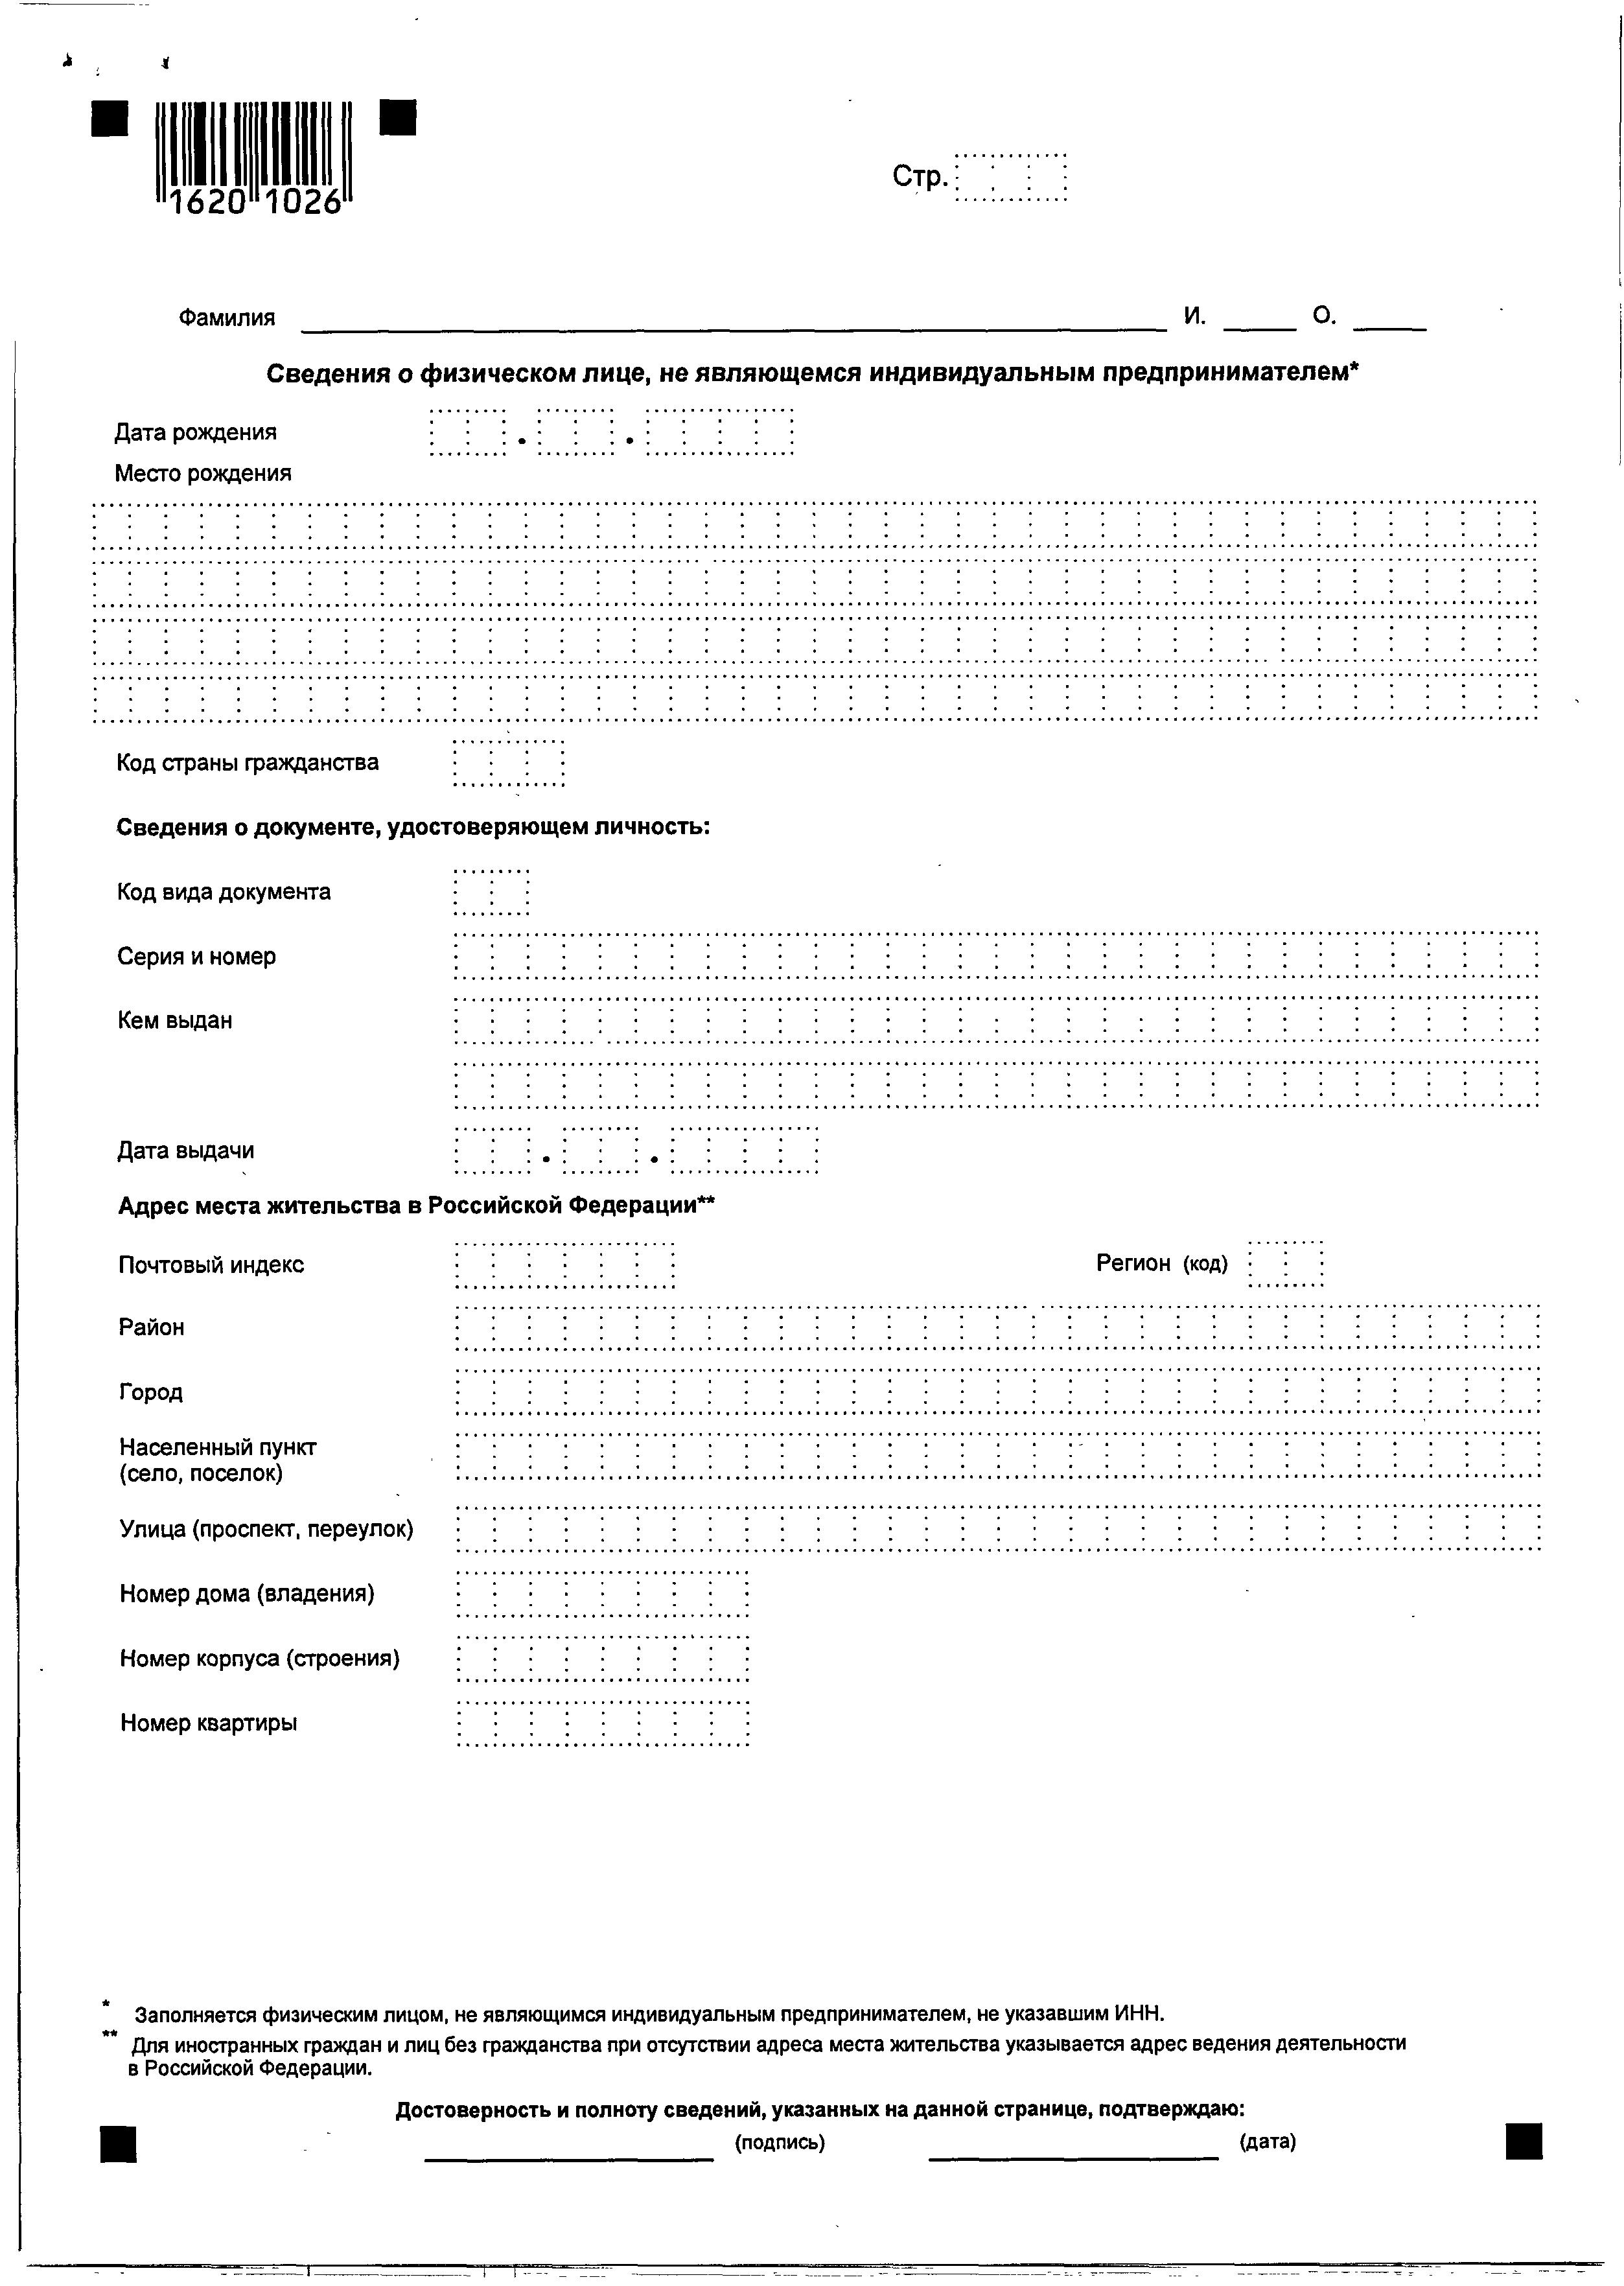 Расчет по страховым взносам в 2017 году